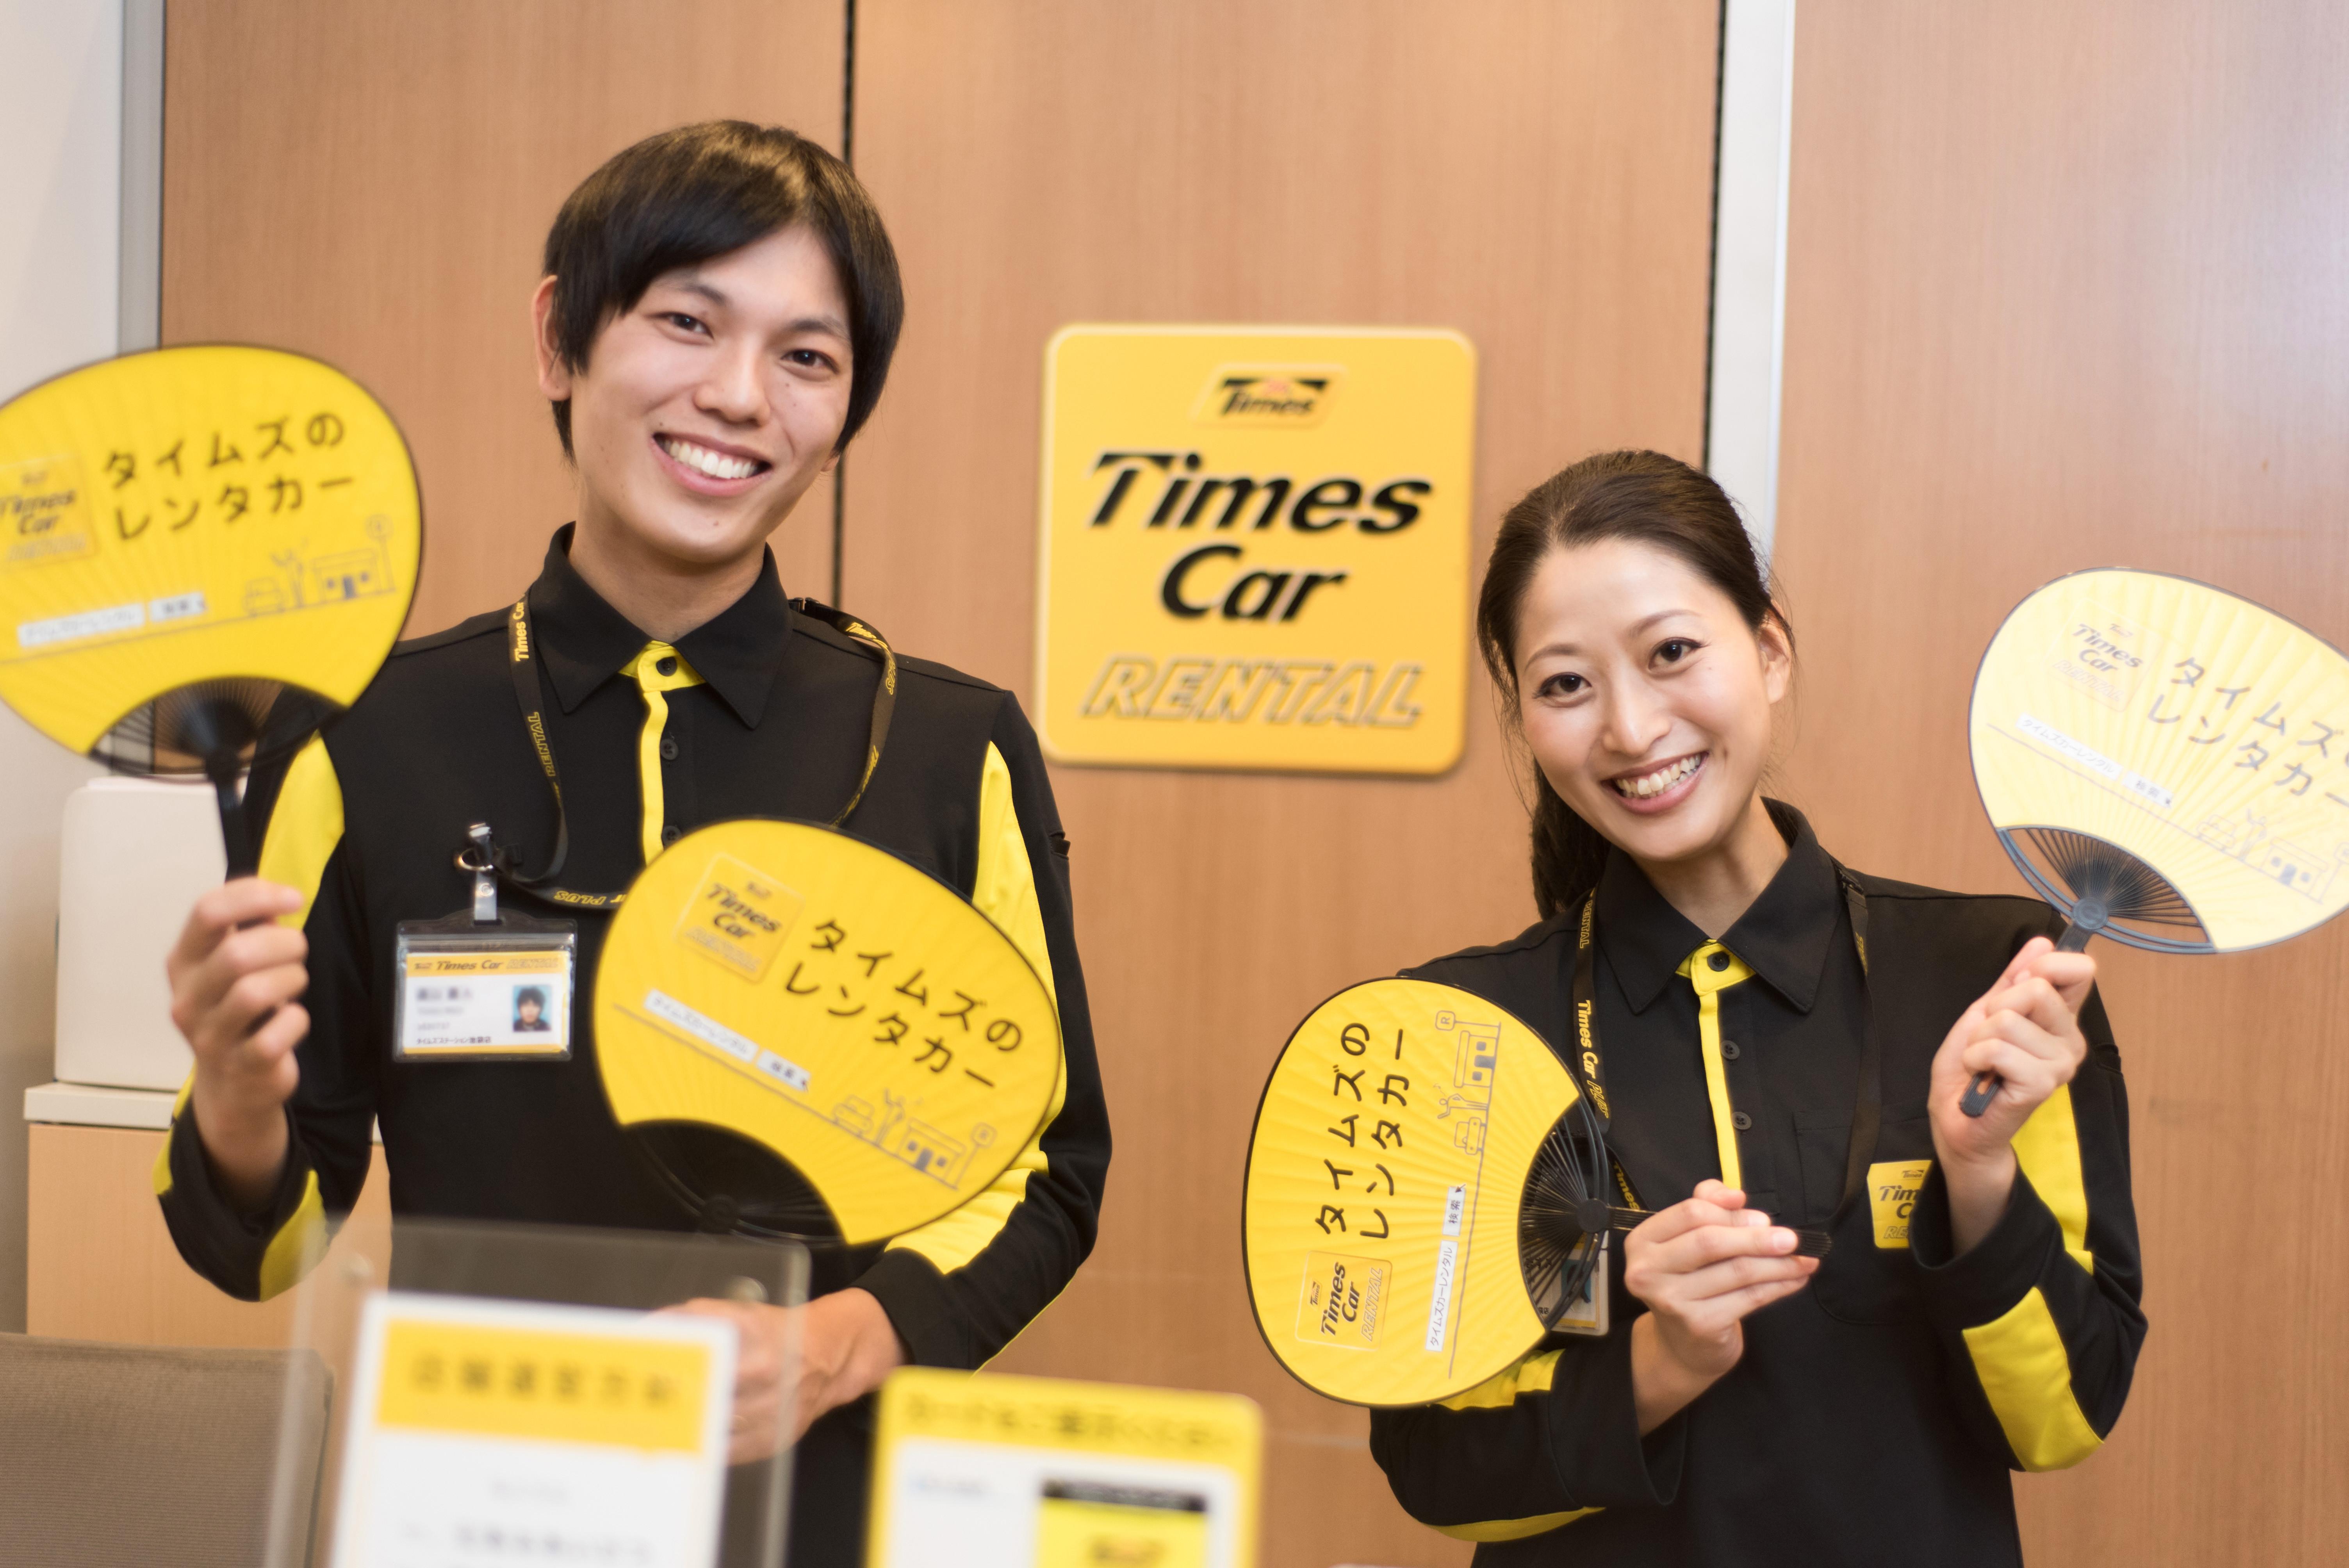 タイムズカーレンタル 米沢駅前店 のアルバイト情報